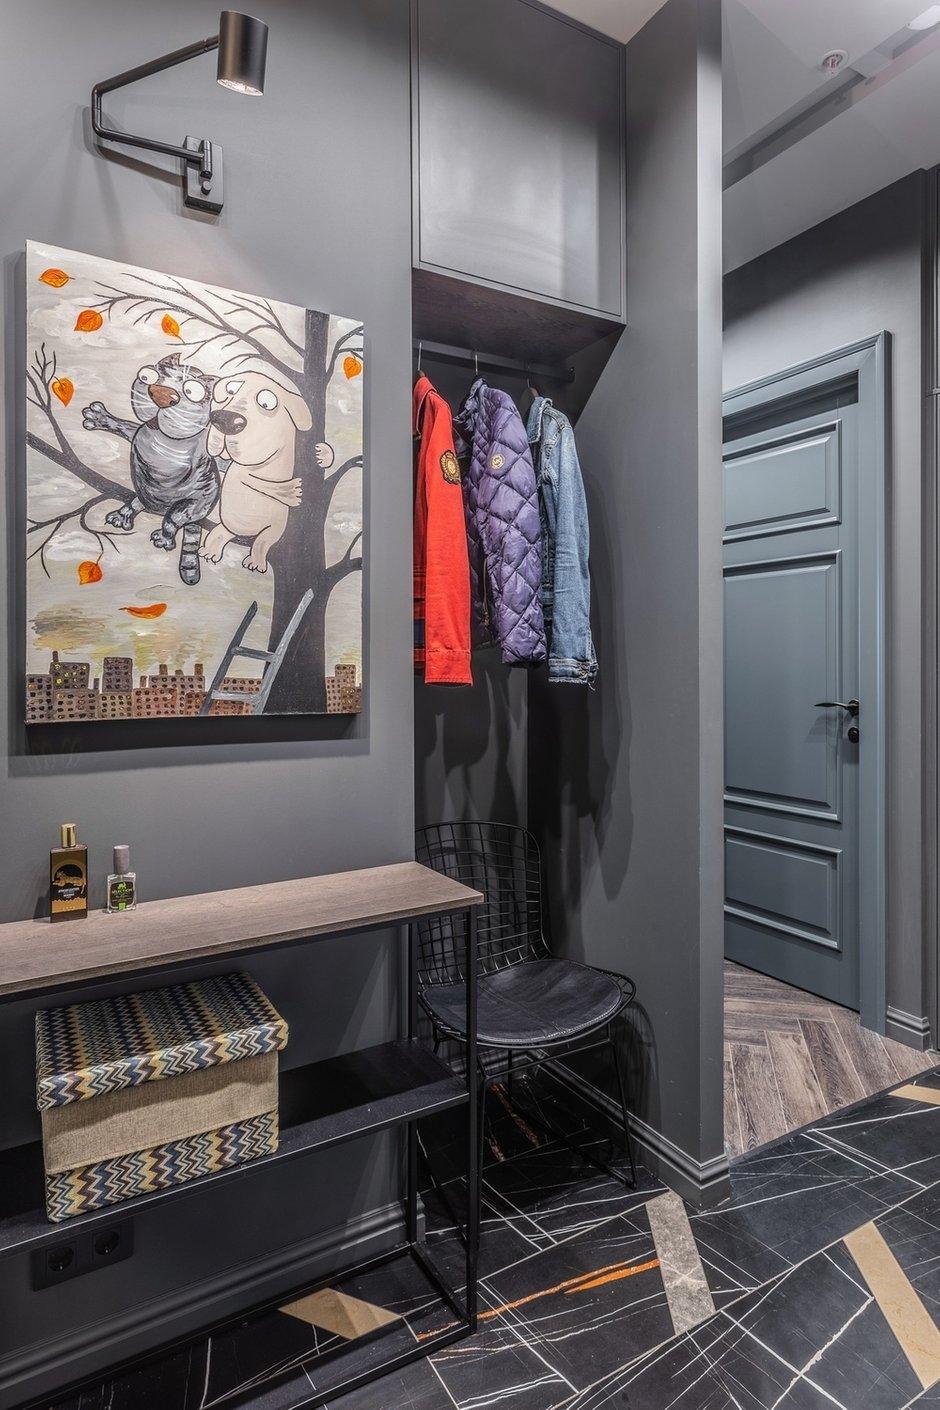 При входе в квартиру сделали две ниши для хранения: для электрощитка и для одежды.